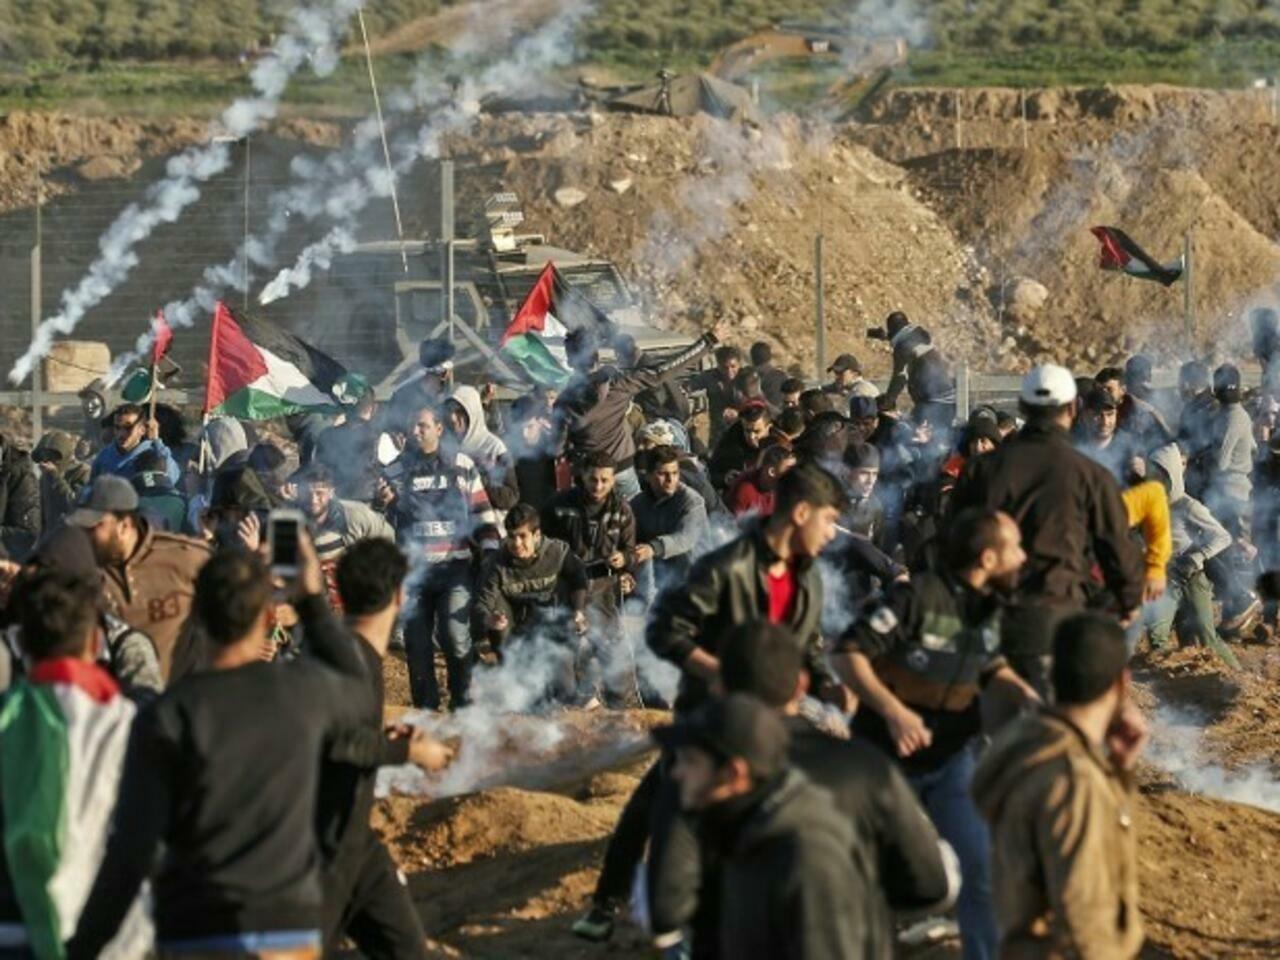 Acusan a Israel y grupos palestinos de Gaza de posibles crímenes de guerra